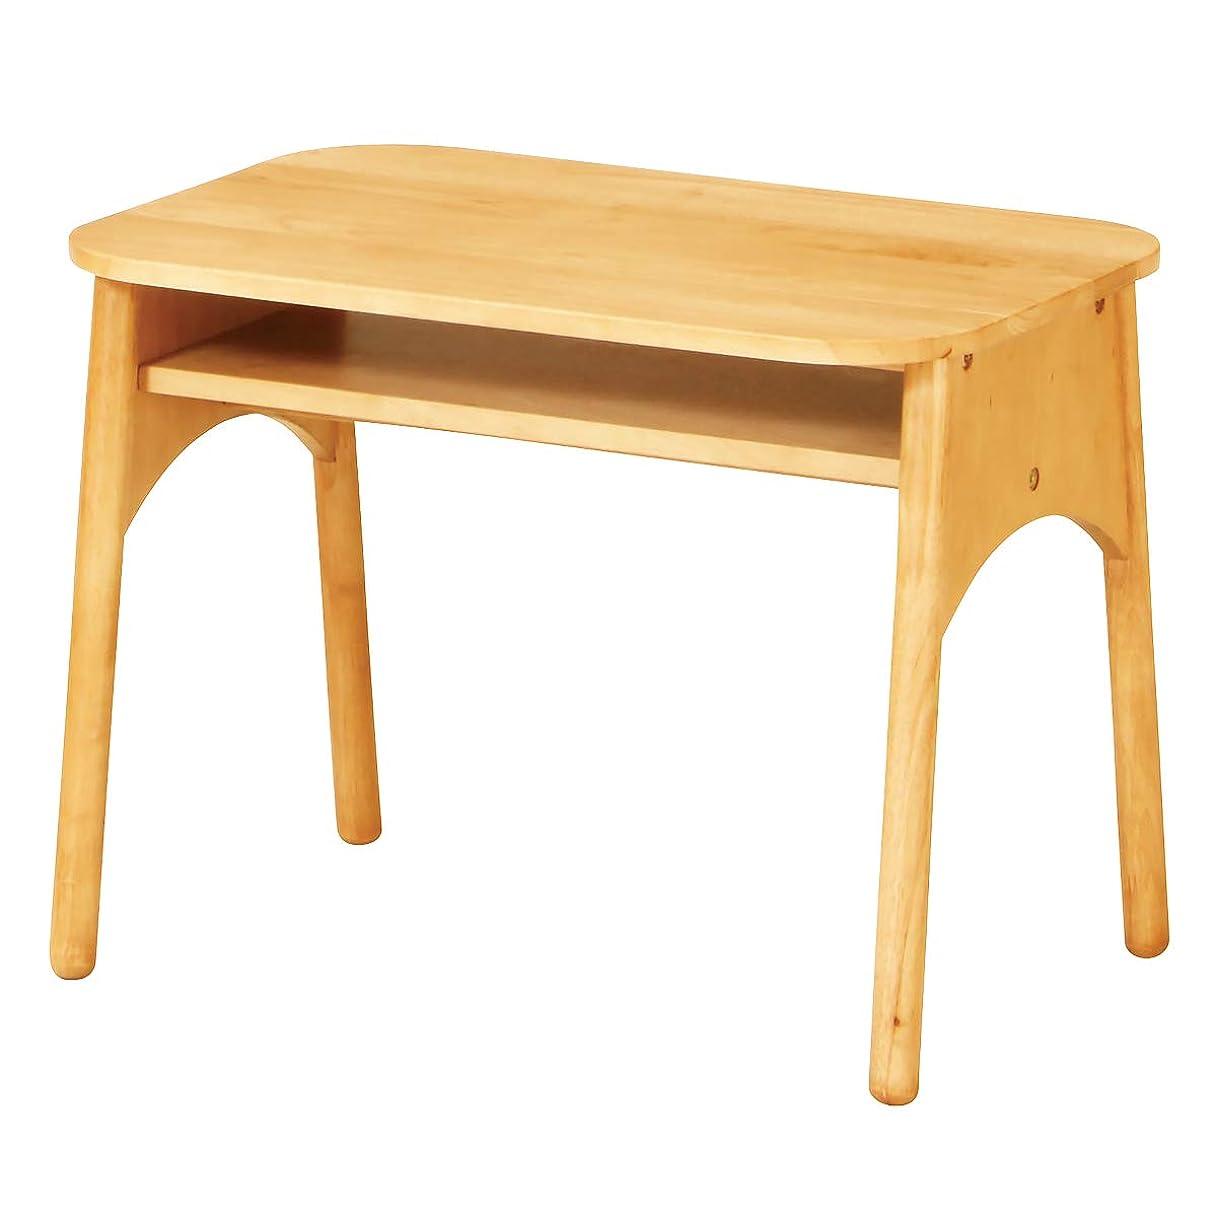 もつれ思想賄賂BEATON JAPAN キッズテーブル 天然木製 子供用 デスク 収納棚付き 幅60cm ナチュラル